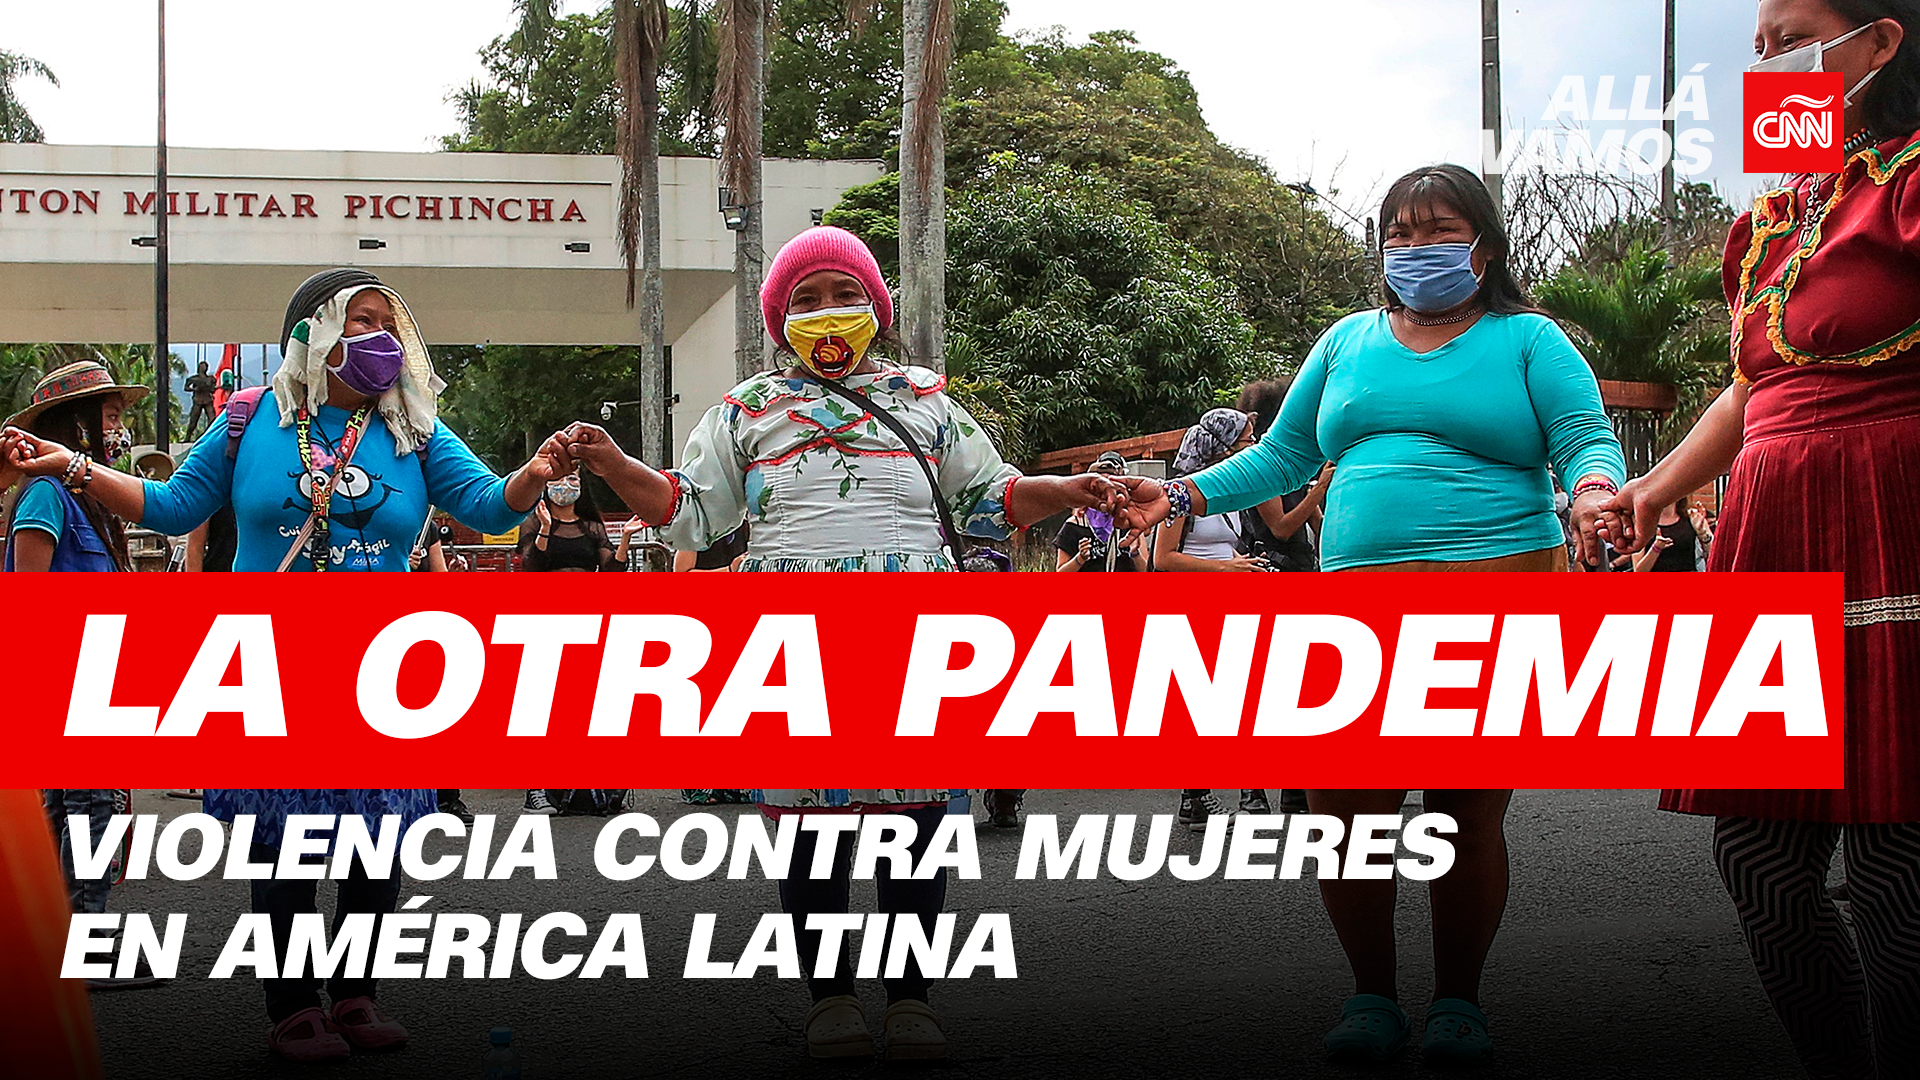 La otra pandemia: la violencia contra las mujeres aumenta en América Latina  en medio de la crisis por covid-19 | CNN